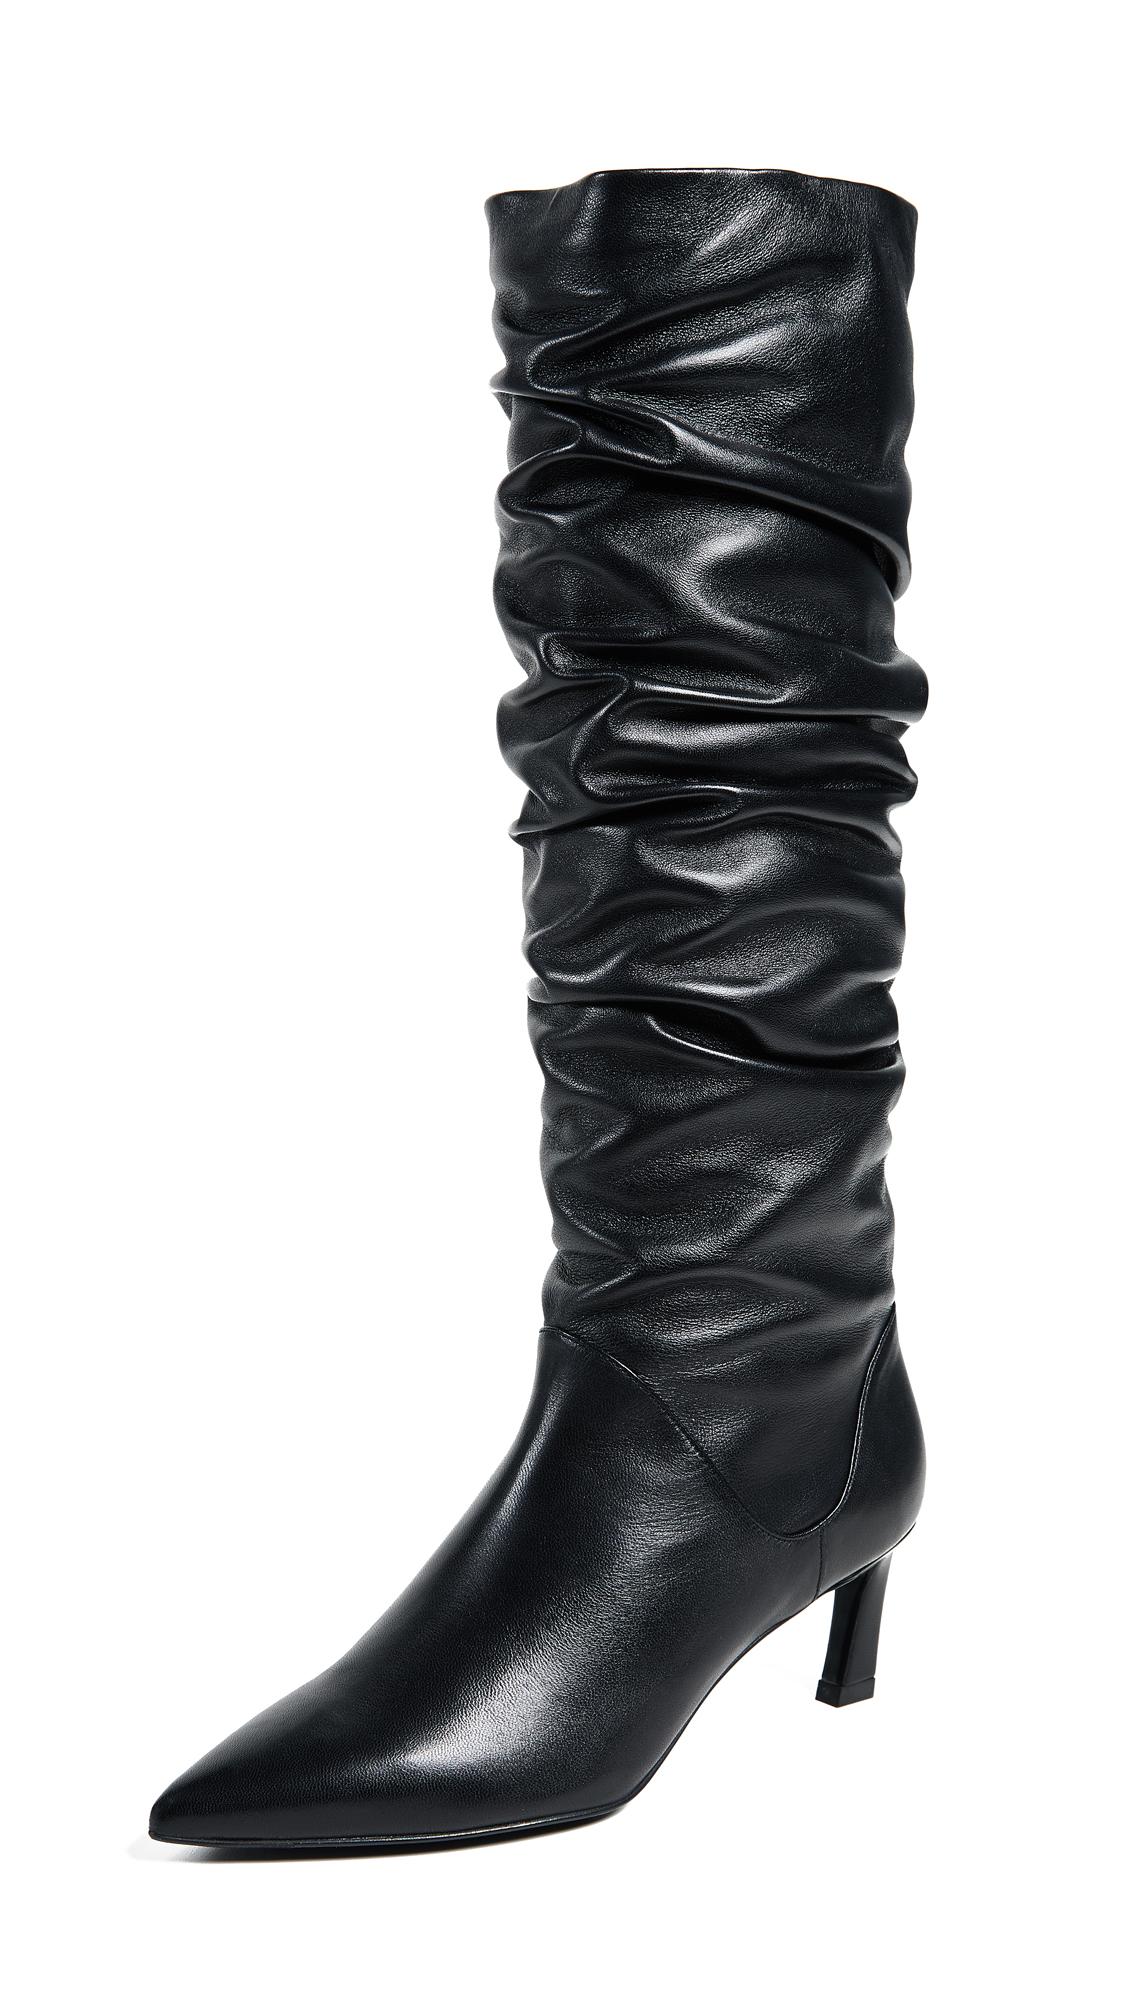 Stuart Weitzman Benatar Tall Scrunch Boots - Black